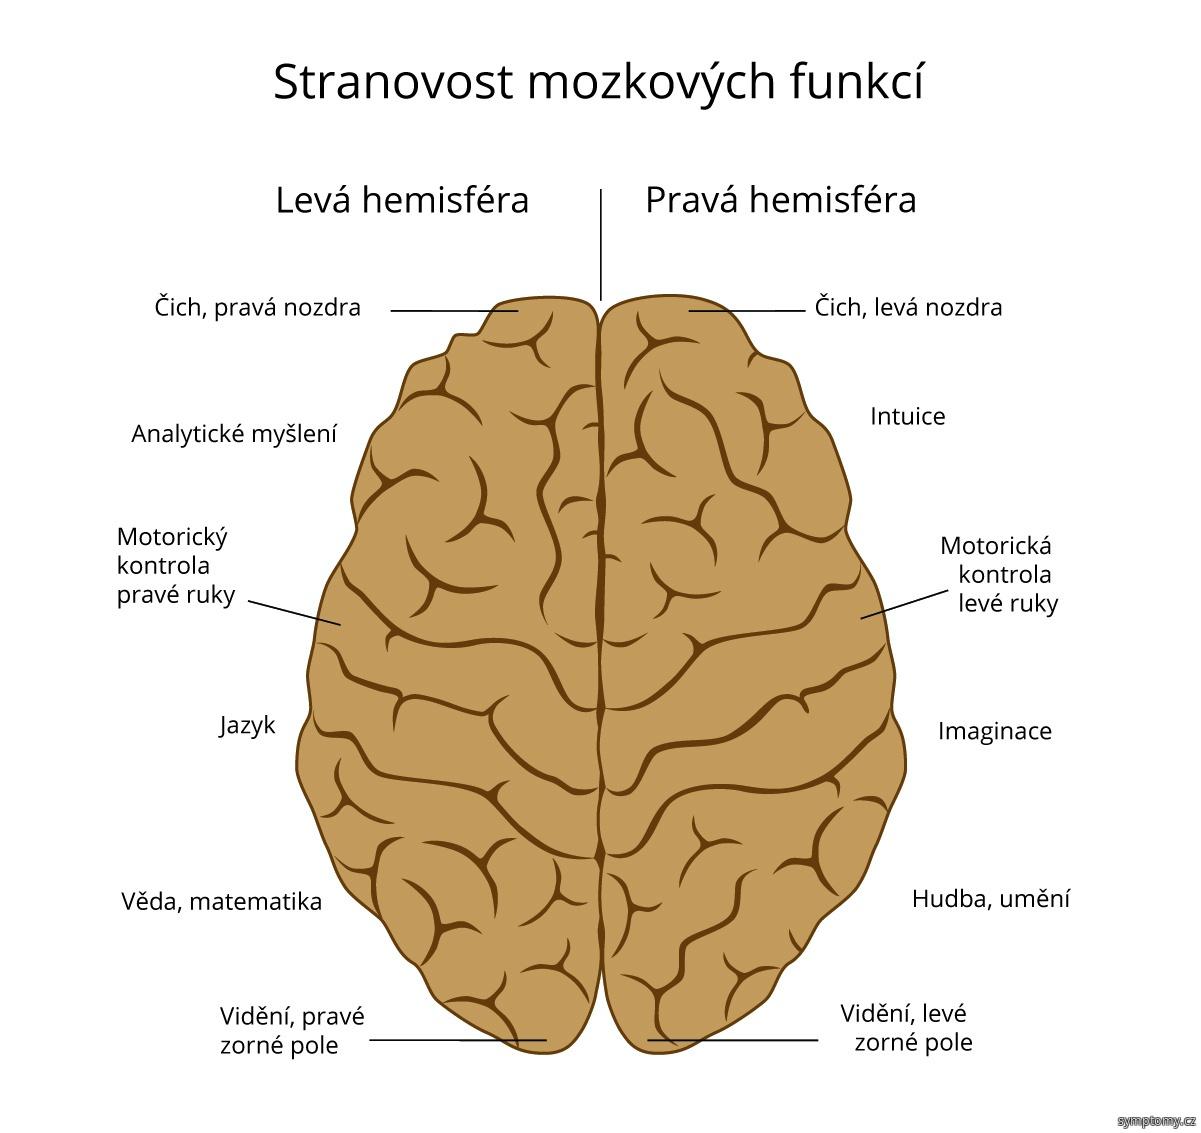 Stranovost mozkových funkcí